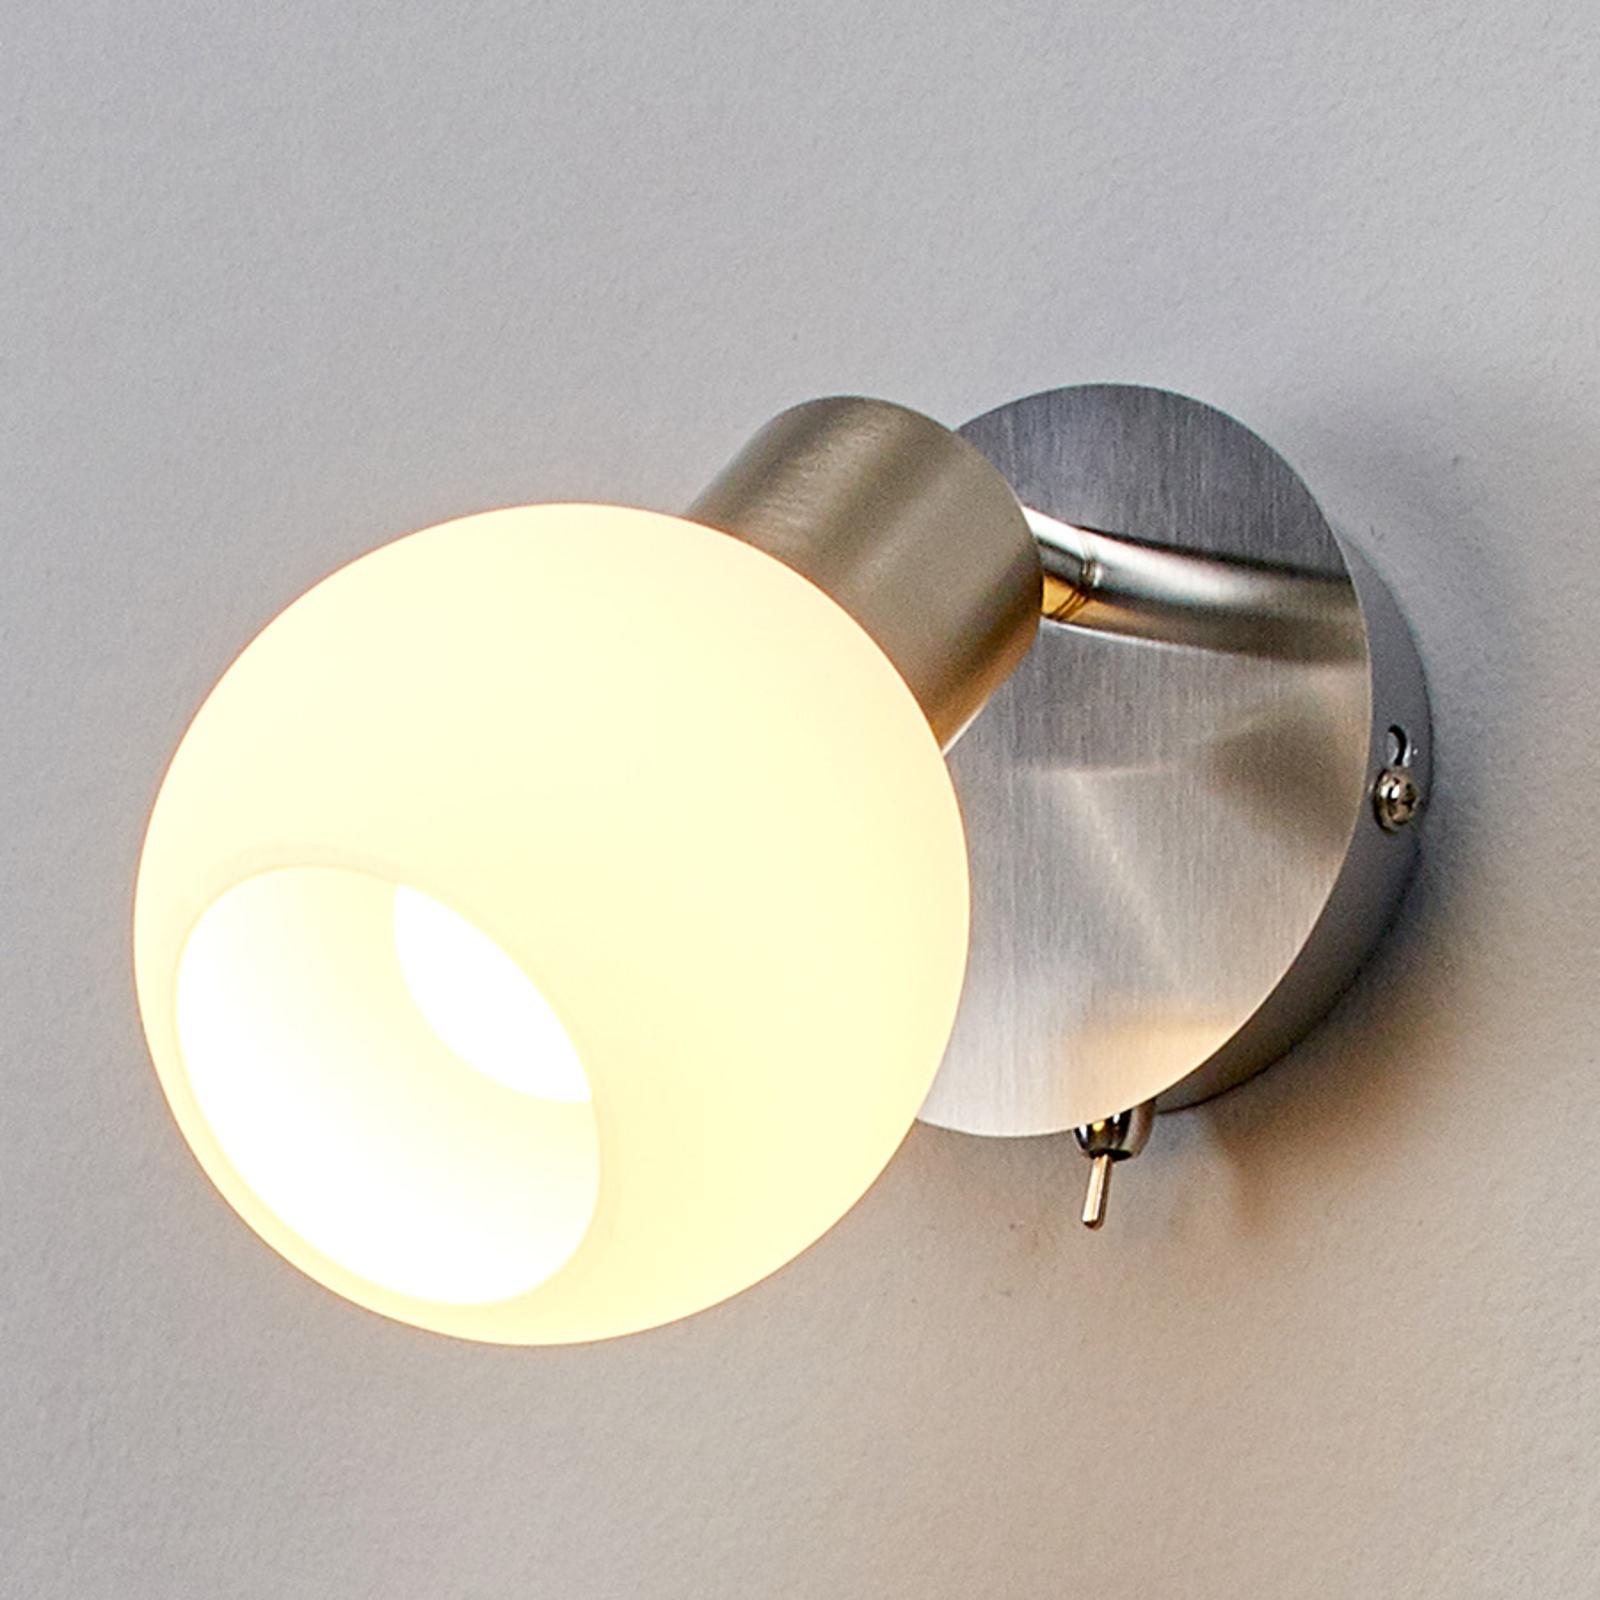 Bobové nástěnné LED osvětlení Elaina, nikl matný